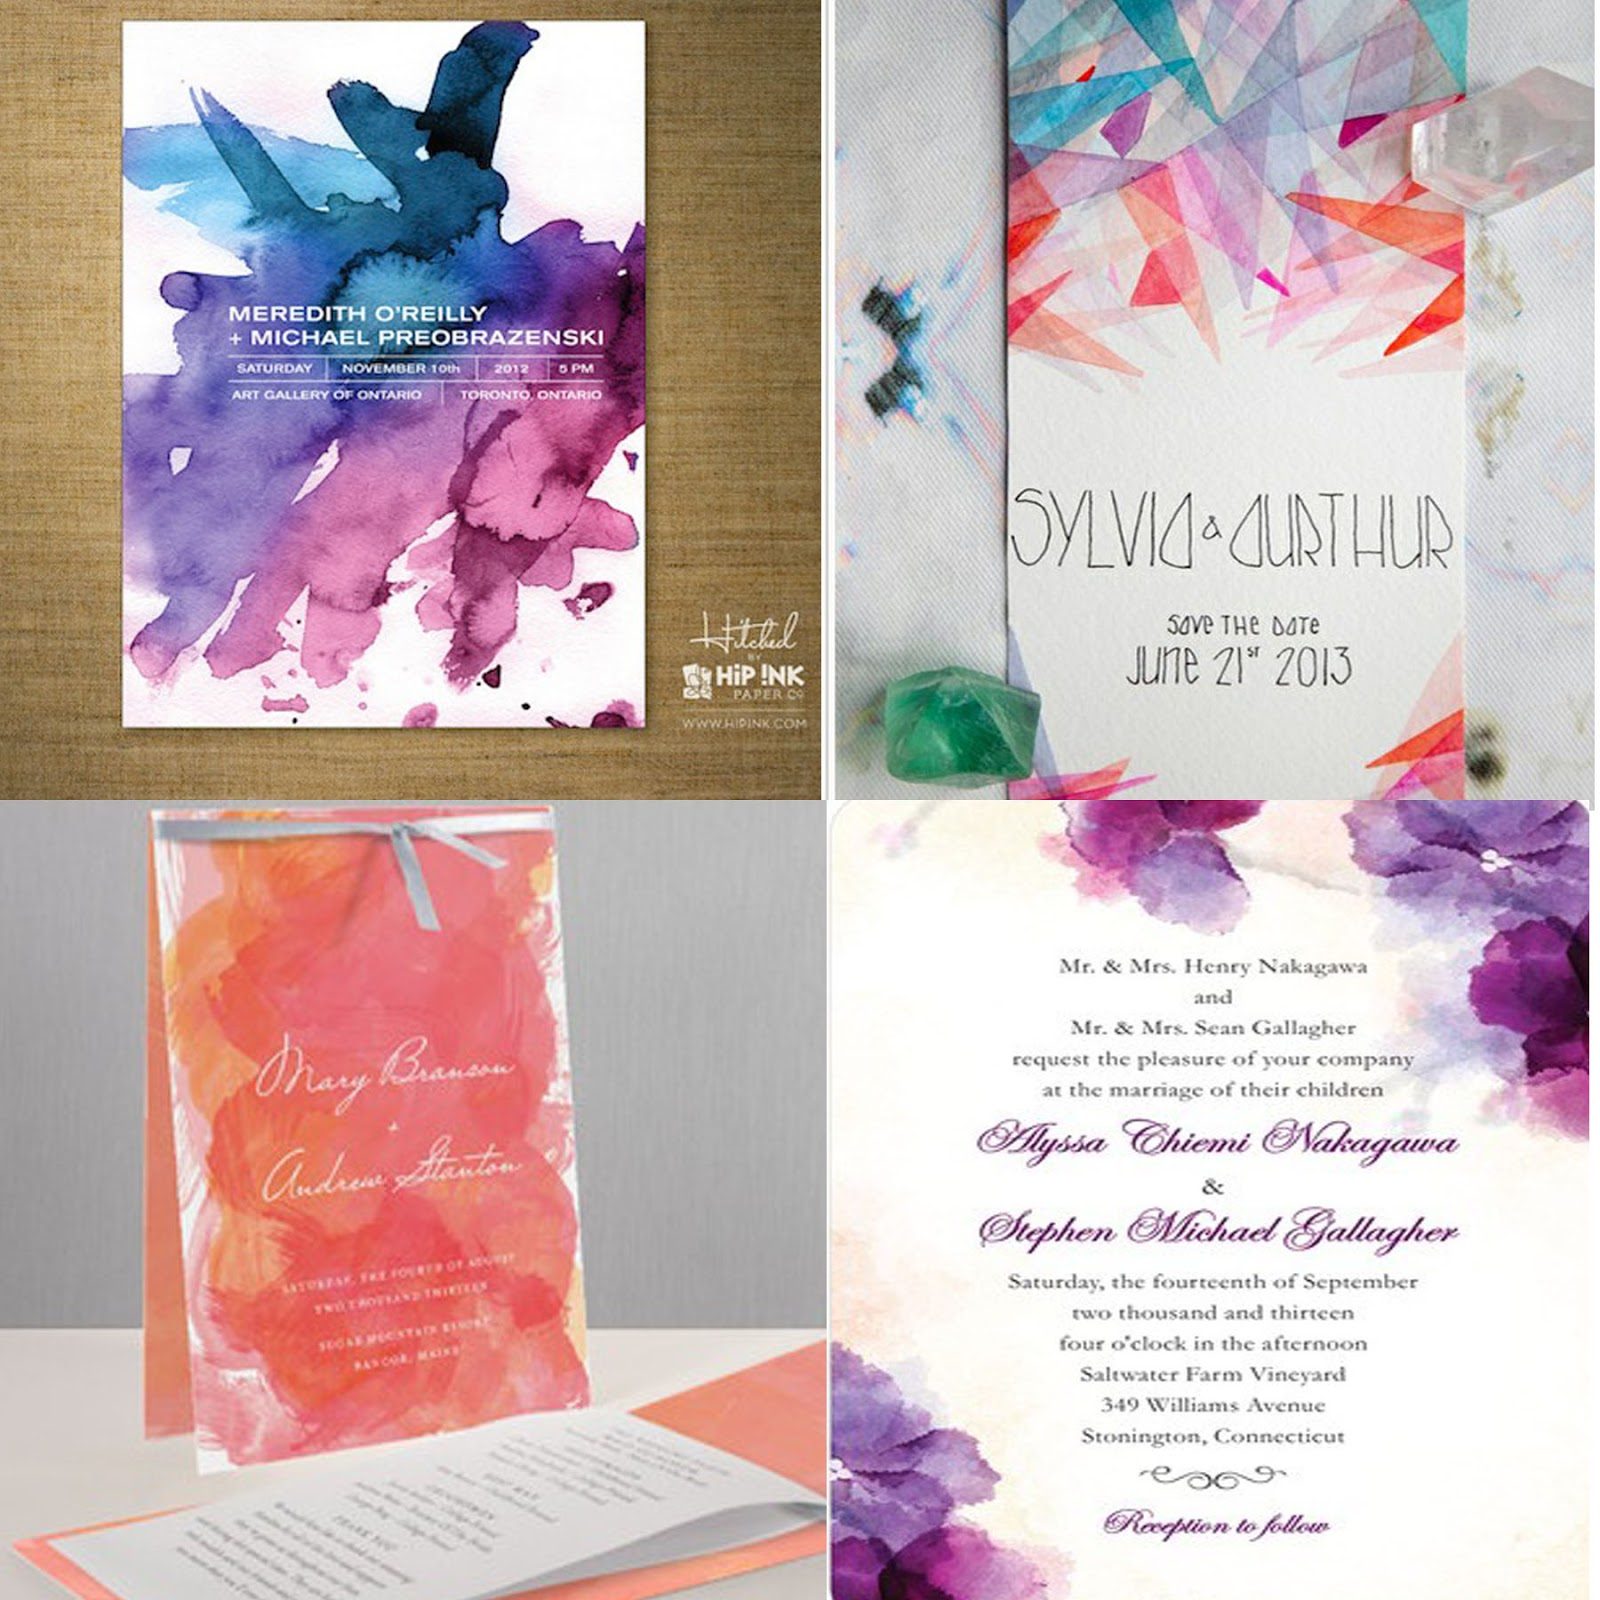 43 Dreamy Watercolor Inspired Wedding Ideas: Bride With A Twist: Artsy Fartsy Watercolor Wedding